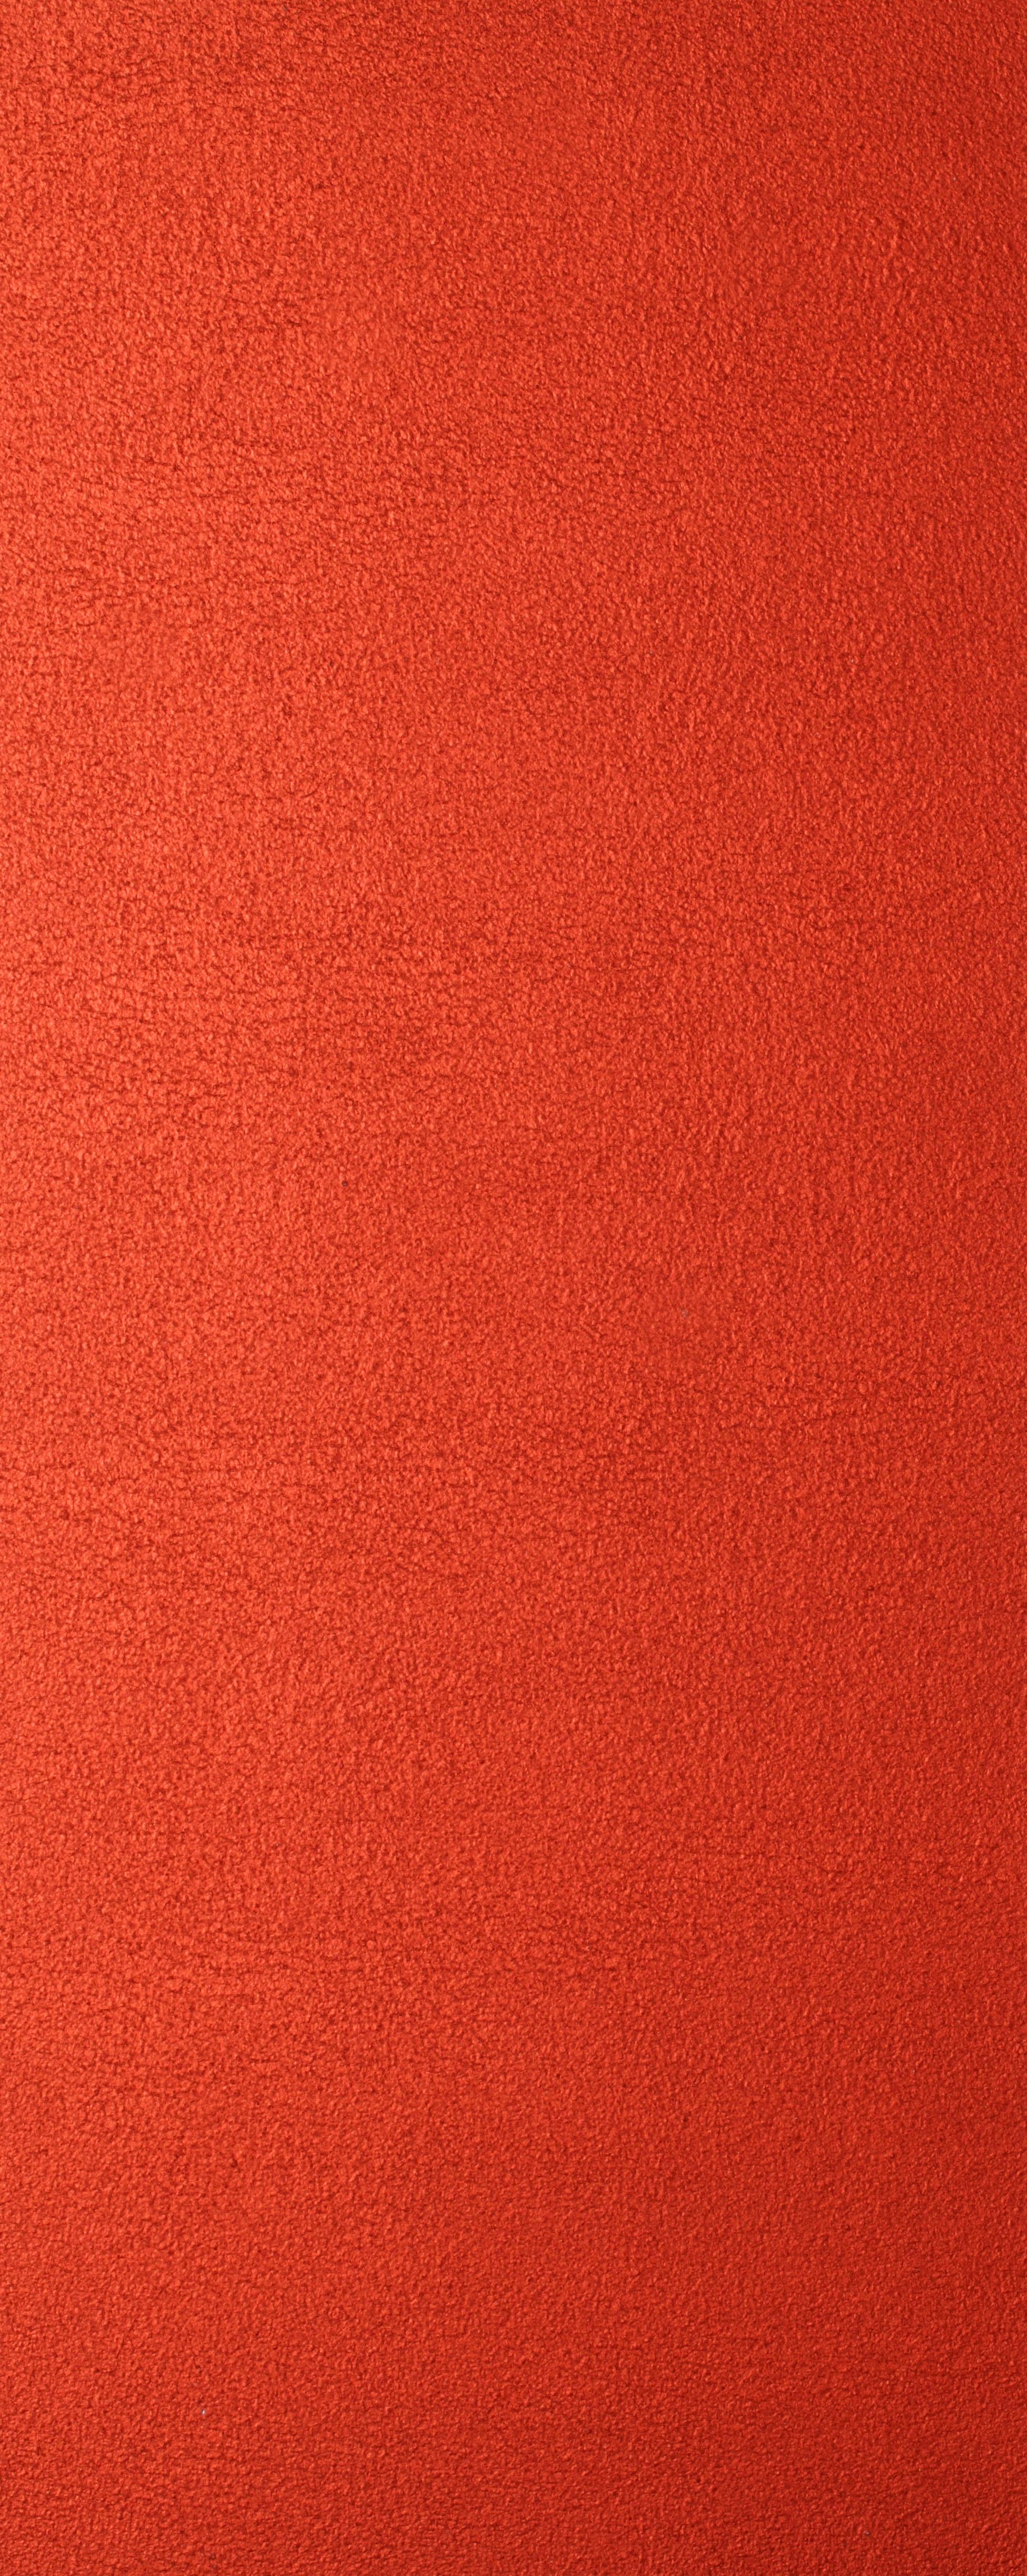 3504 - Cuir Rouge